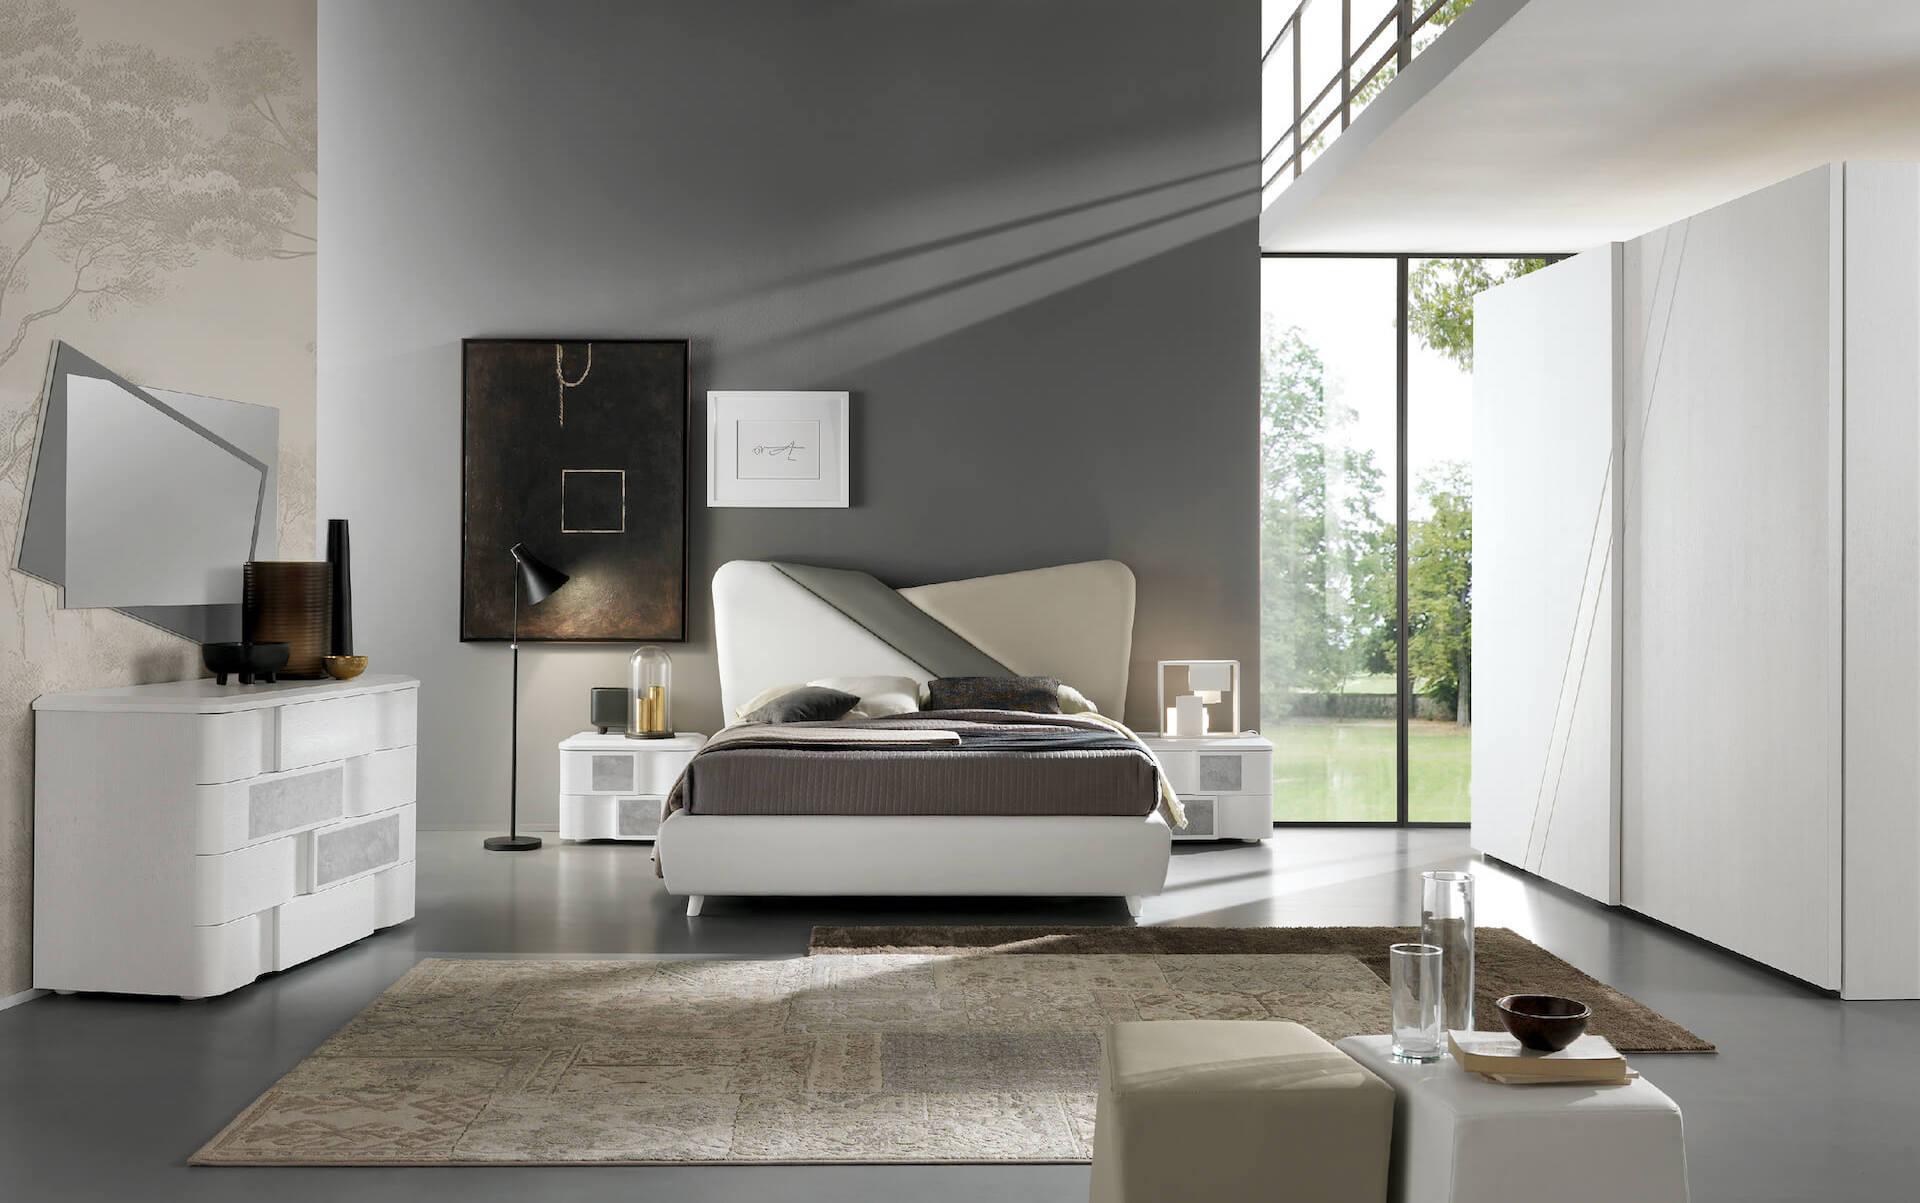 Design Moderno Camera Da Letto.Euro Design Arredamento Camere Da Letto Moderne E Classico